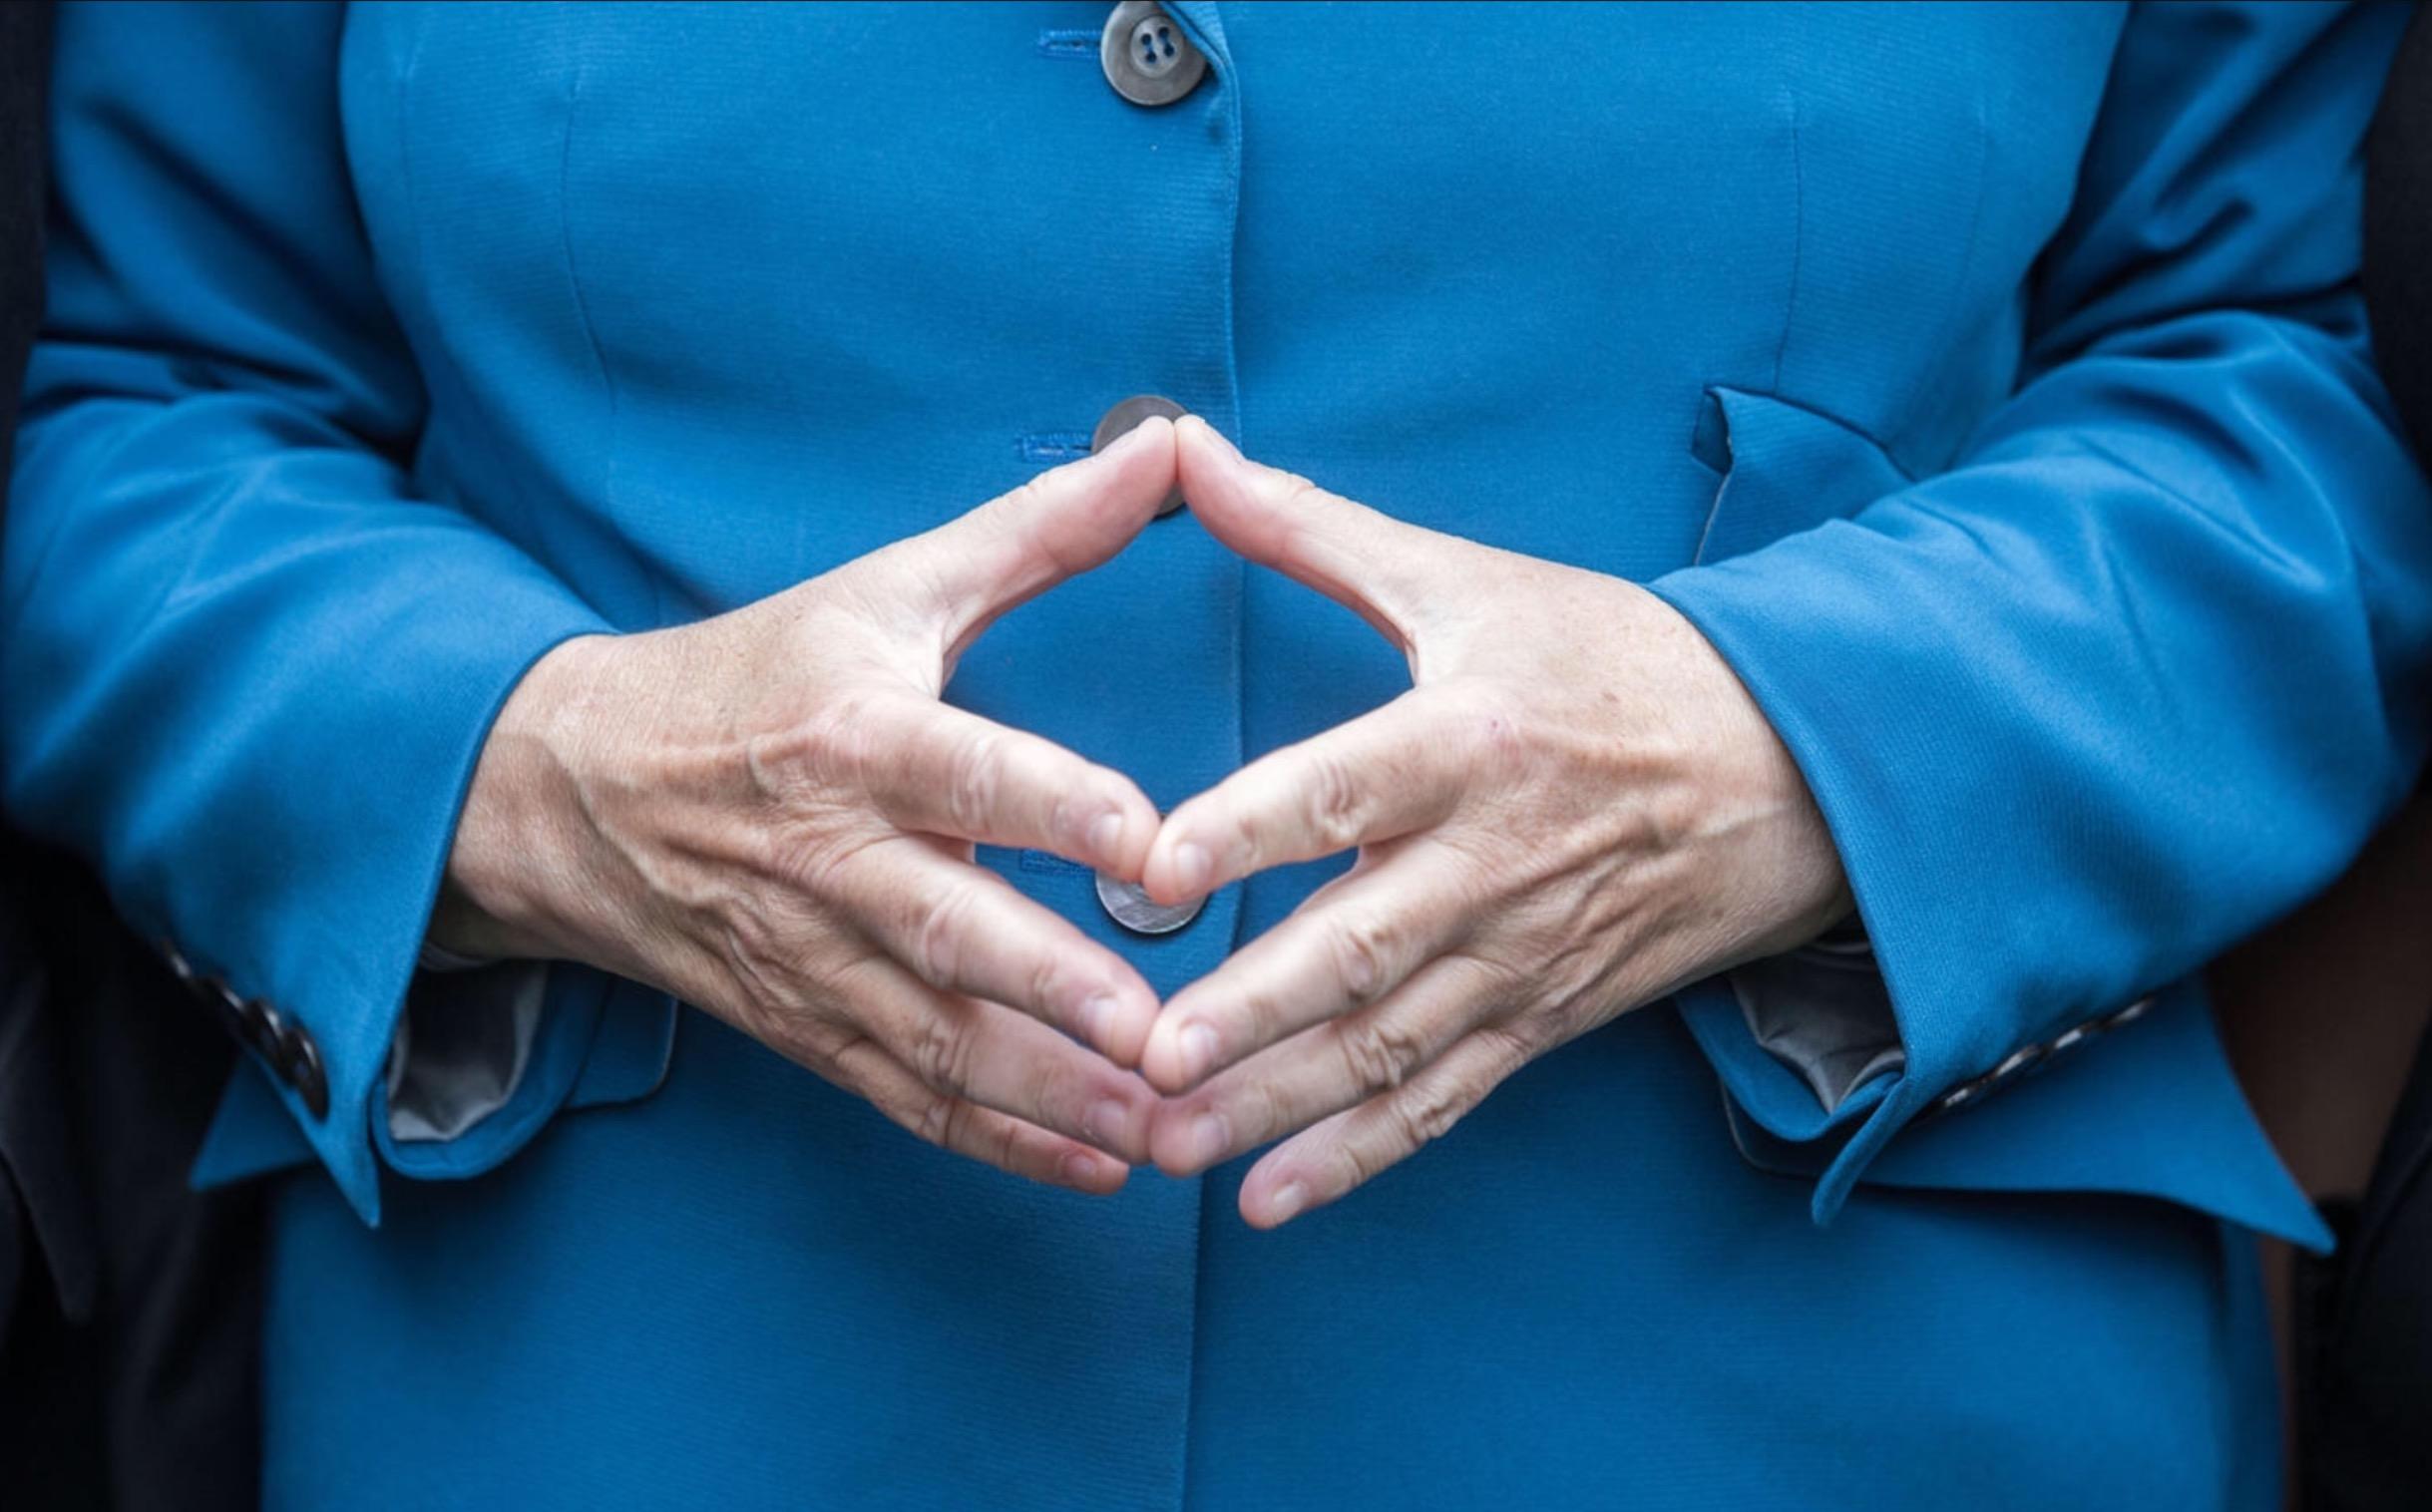 Hände im Fokus bei der Manuellen Therapie